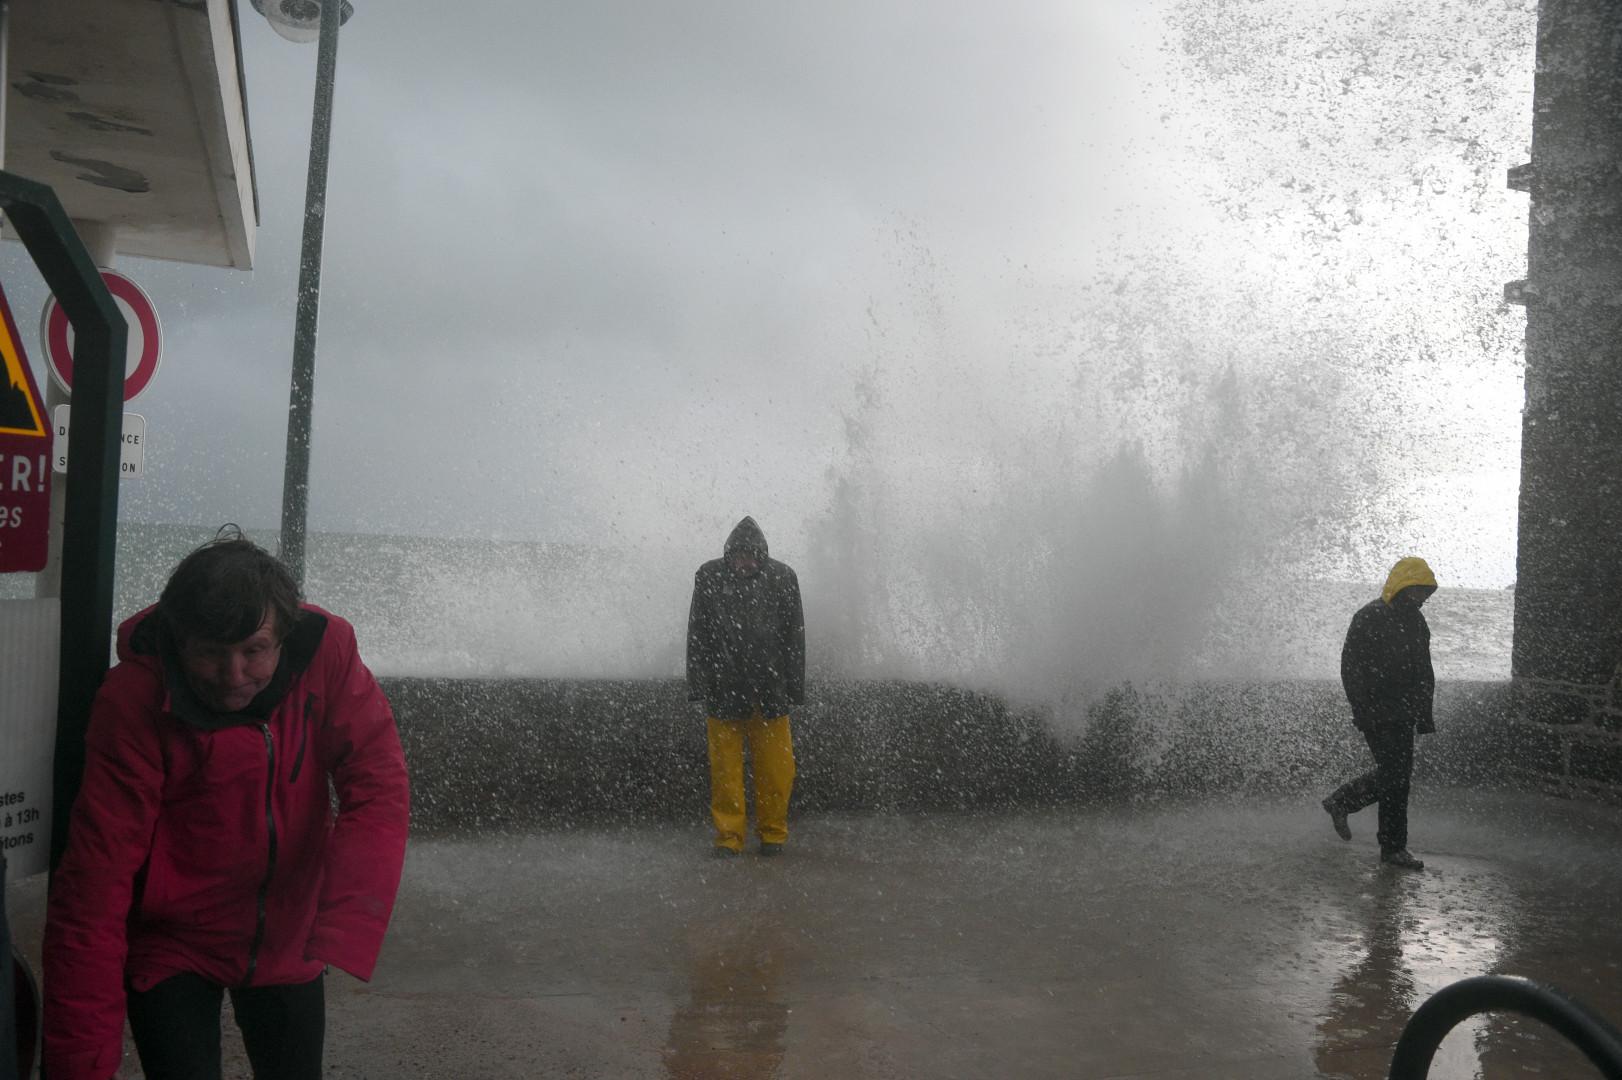 Des promeneurs regardent les vagues à Saint-Malo, le 21 février 2015.